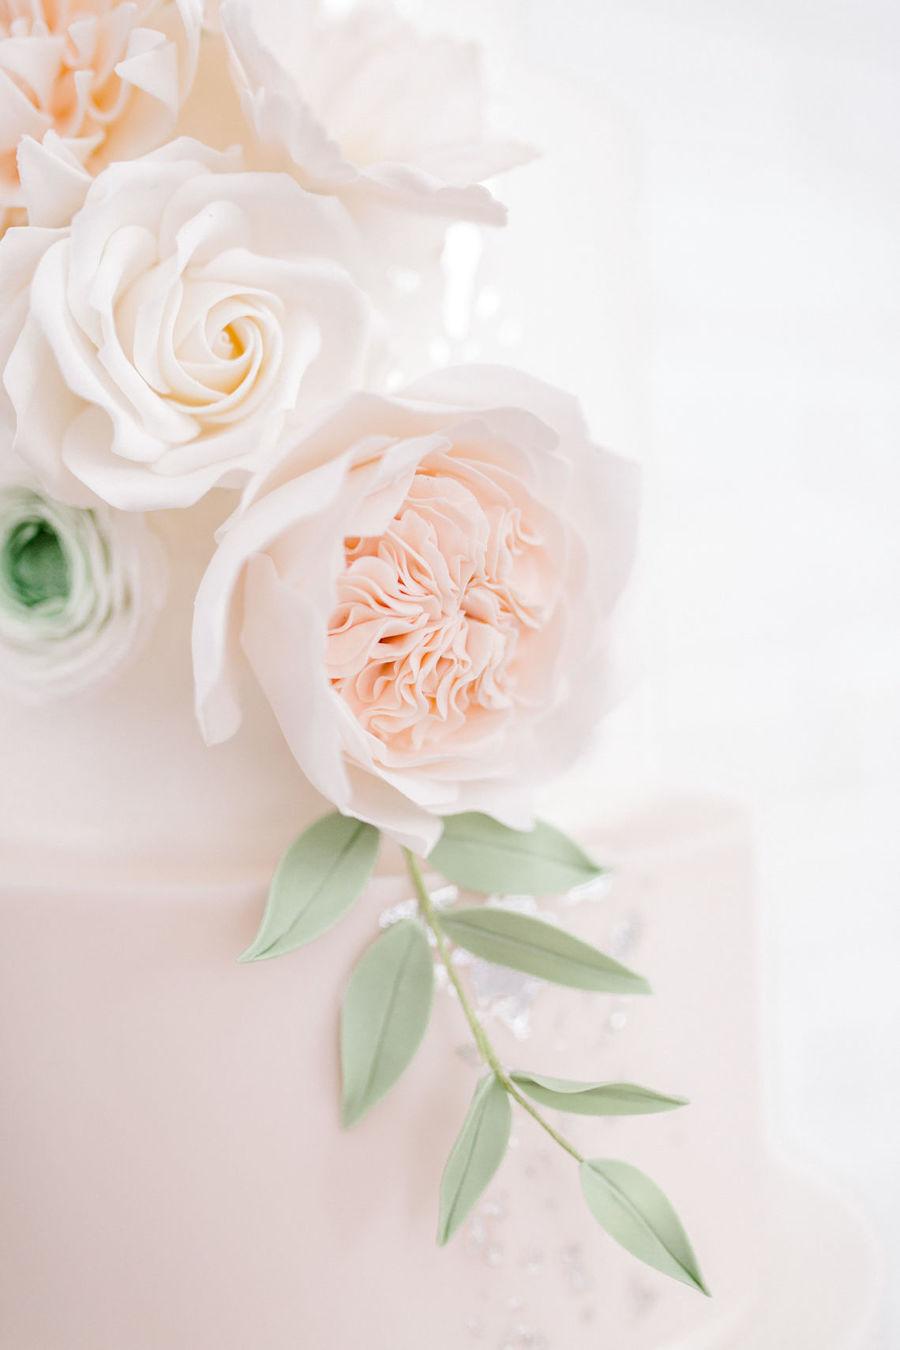 Minimal elegant wedding style ideas by Wildflower Wedding Planner Natasha, images Helene Elliott Photography (4)